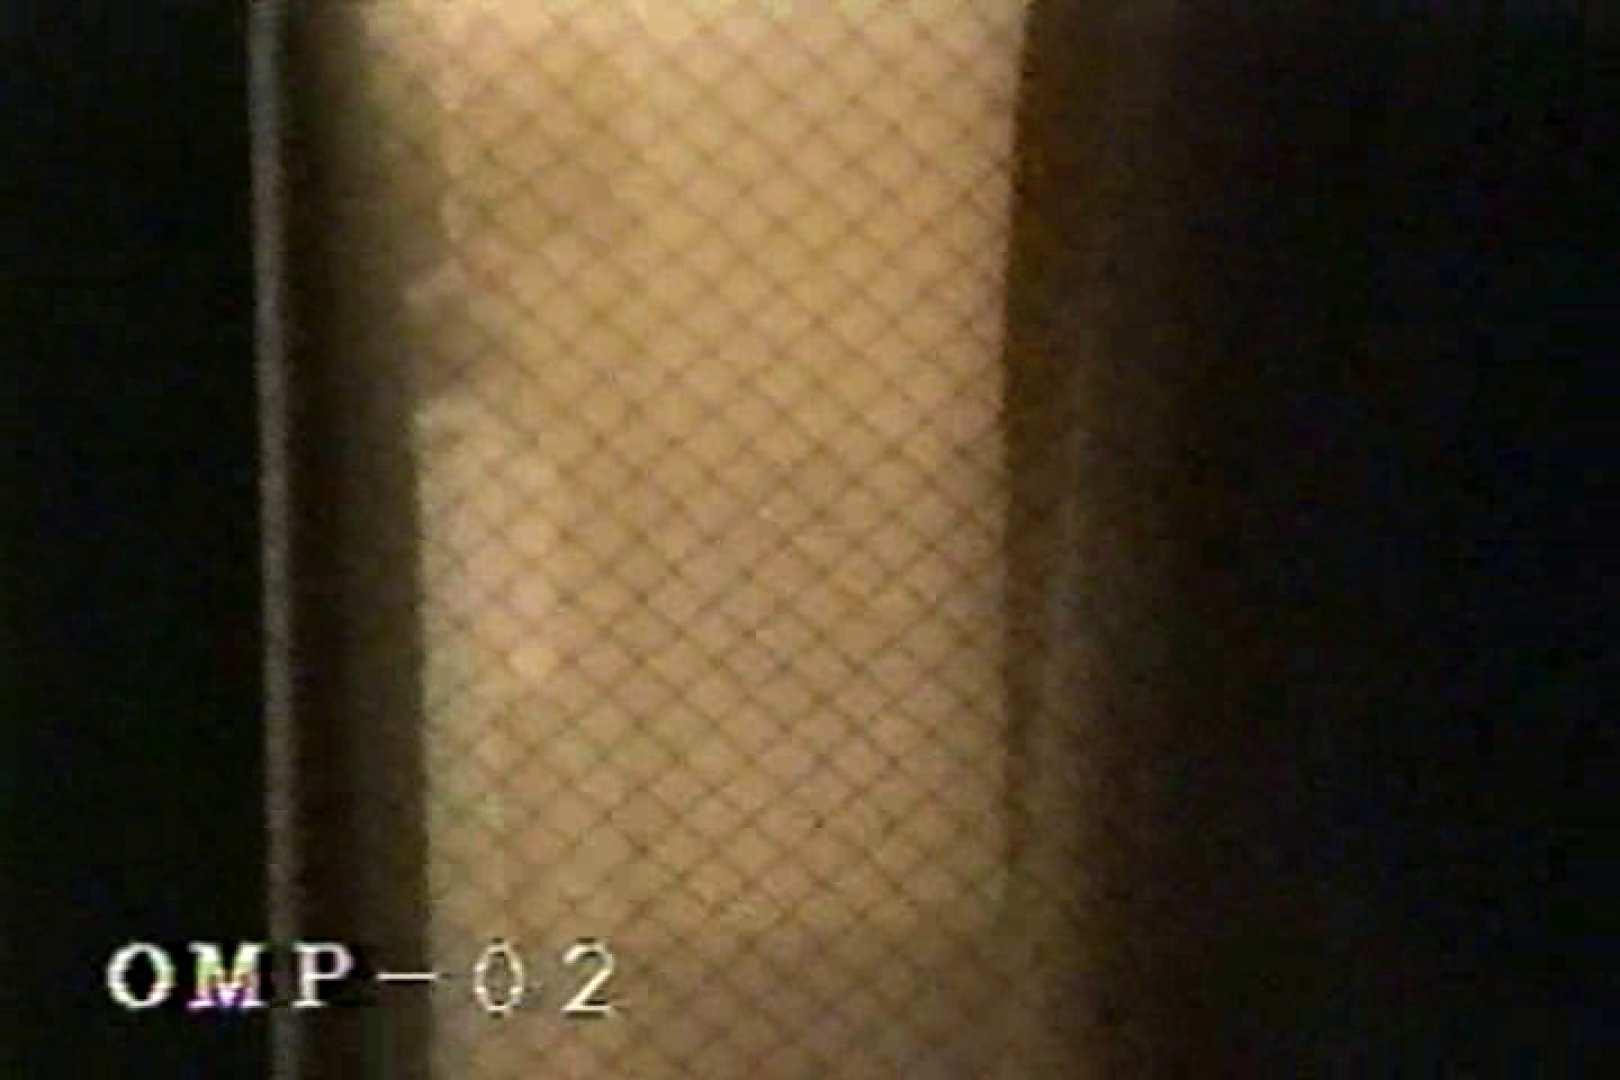 究極の民家覗き撮りVol.2 覗き セックス画像 50pic 10